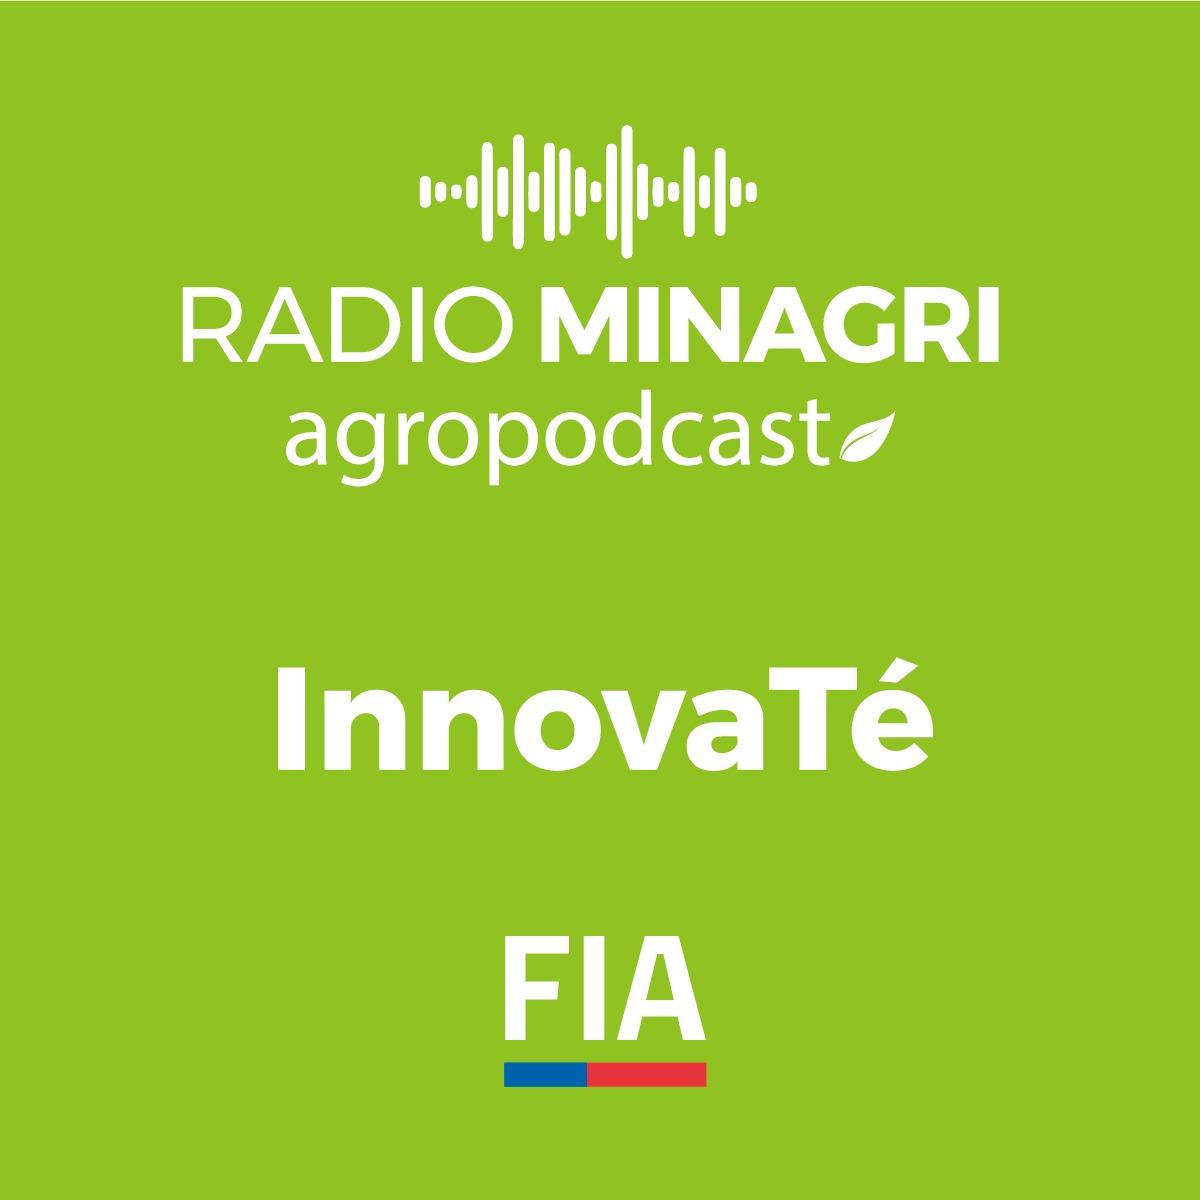 InnovaTé – Episodio 12: Desarrollo del muday mapuche